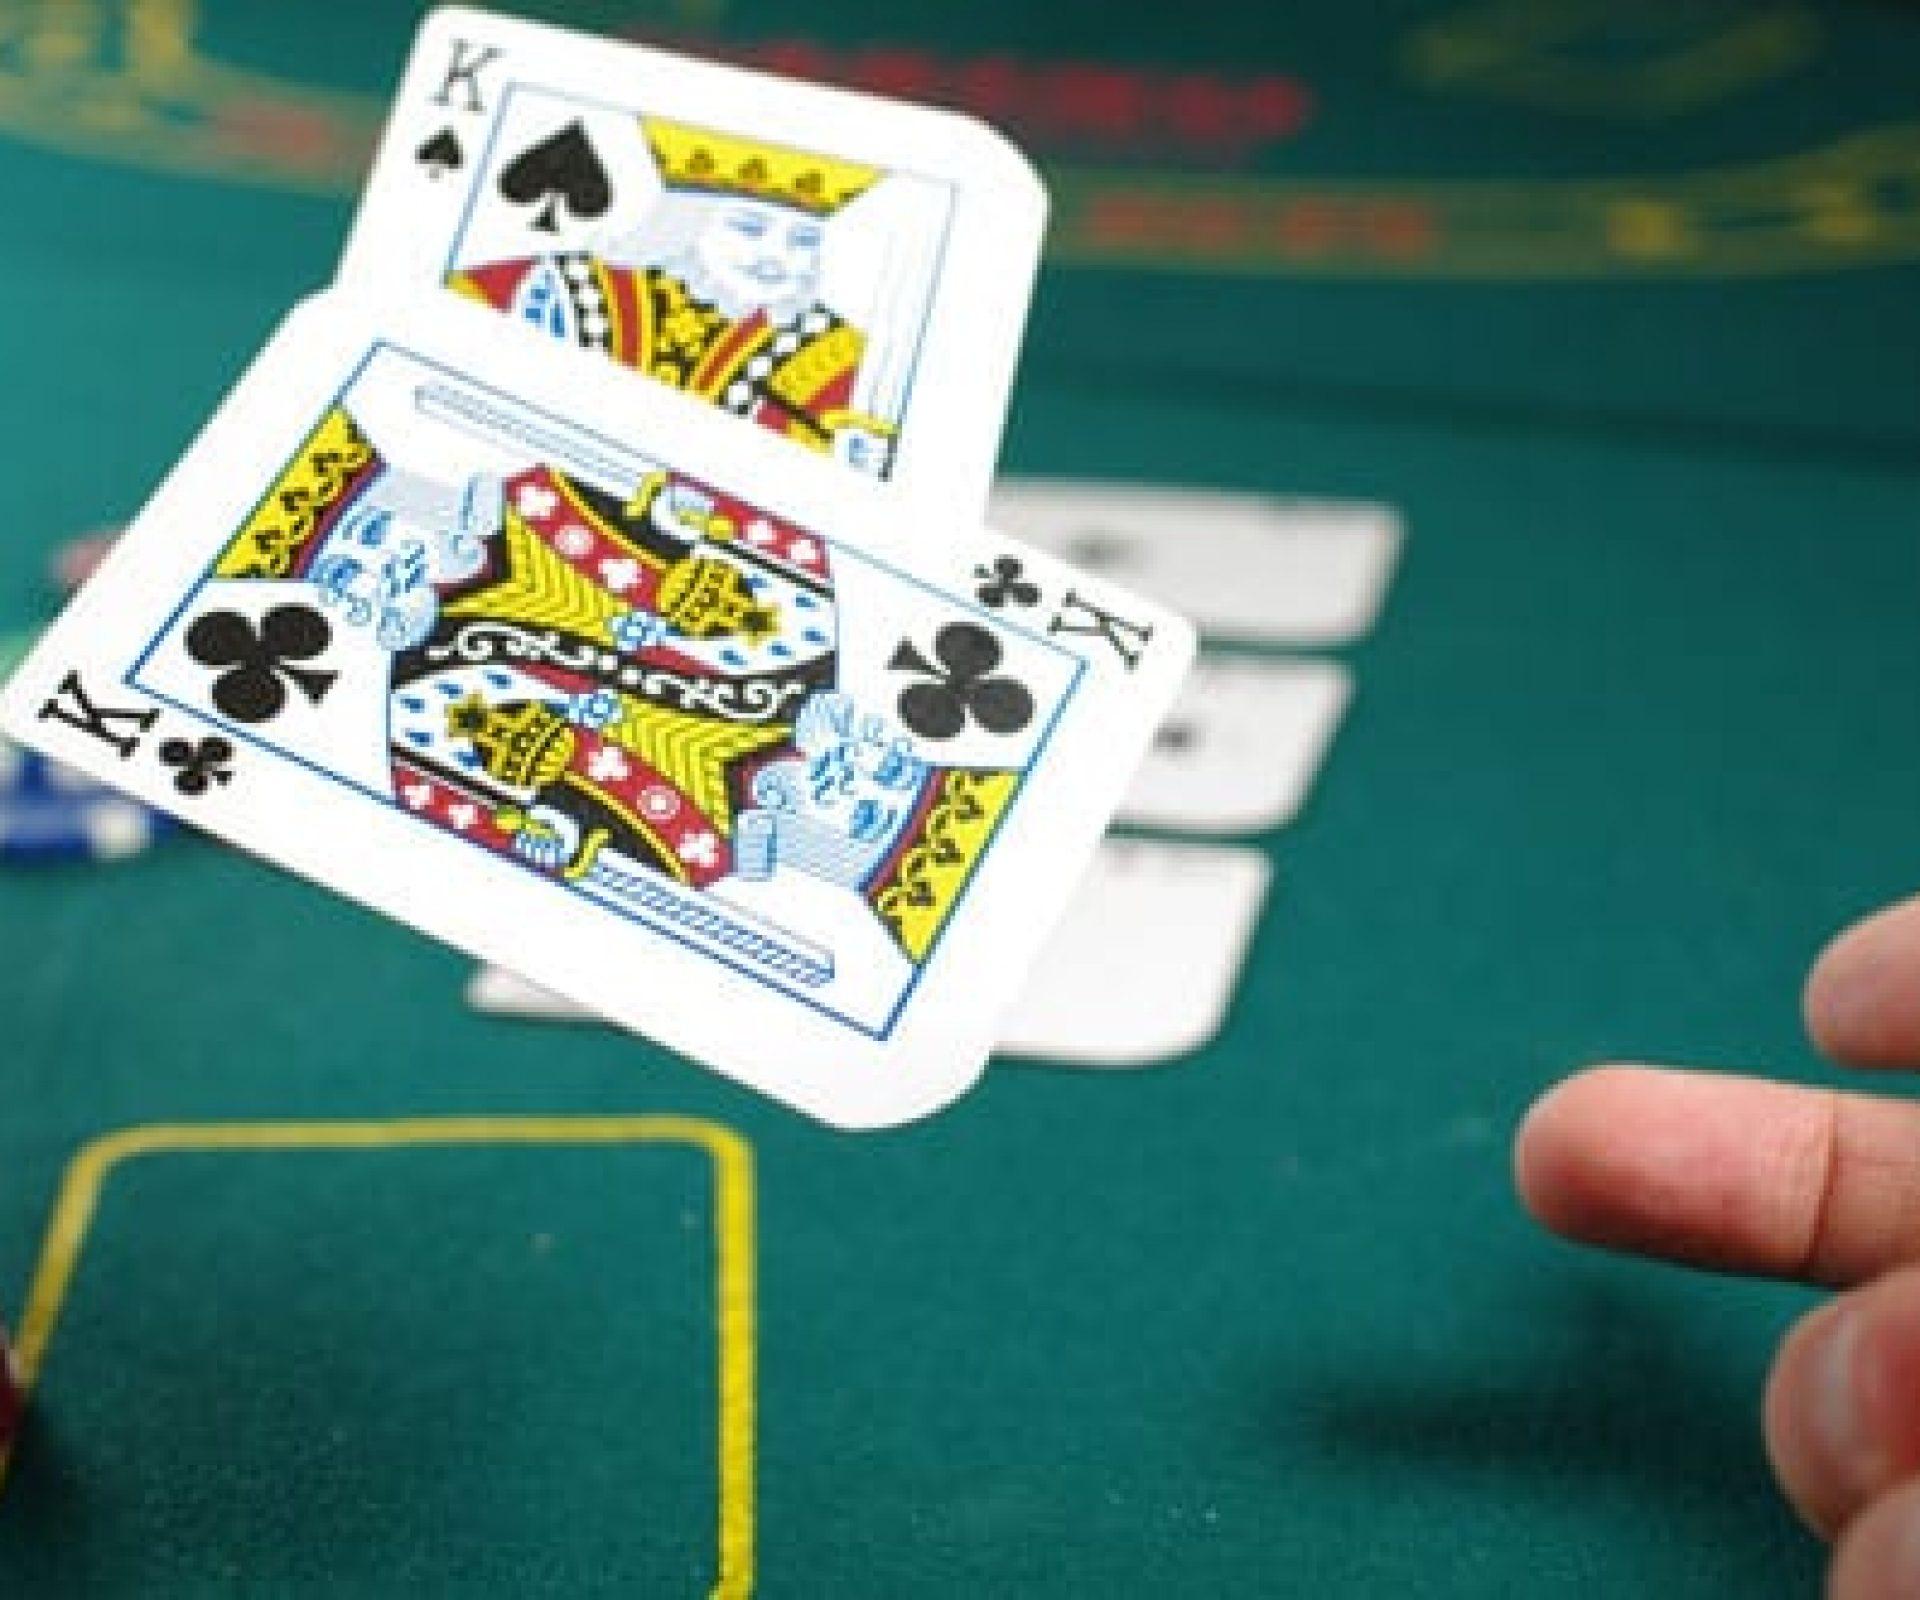 Casino / Gaming